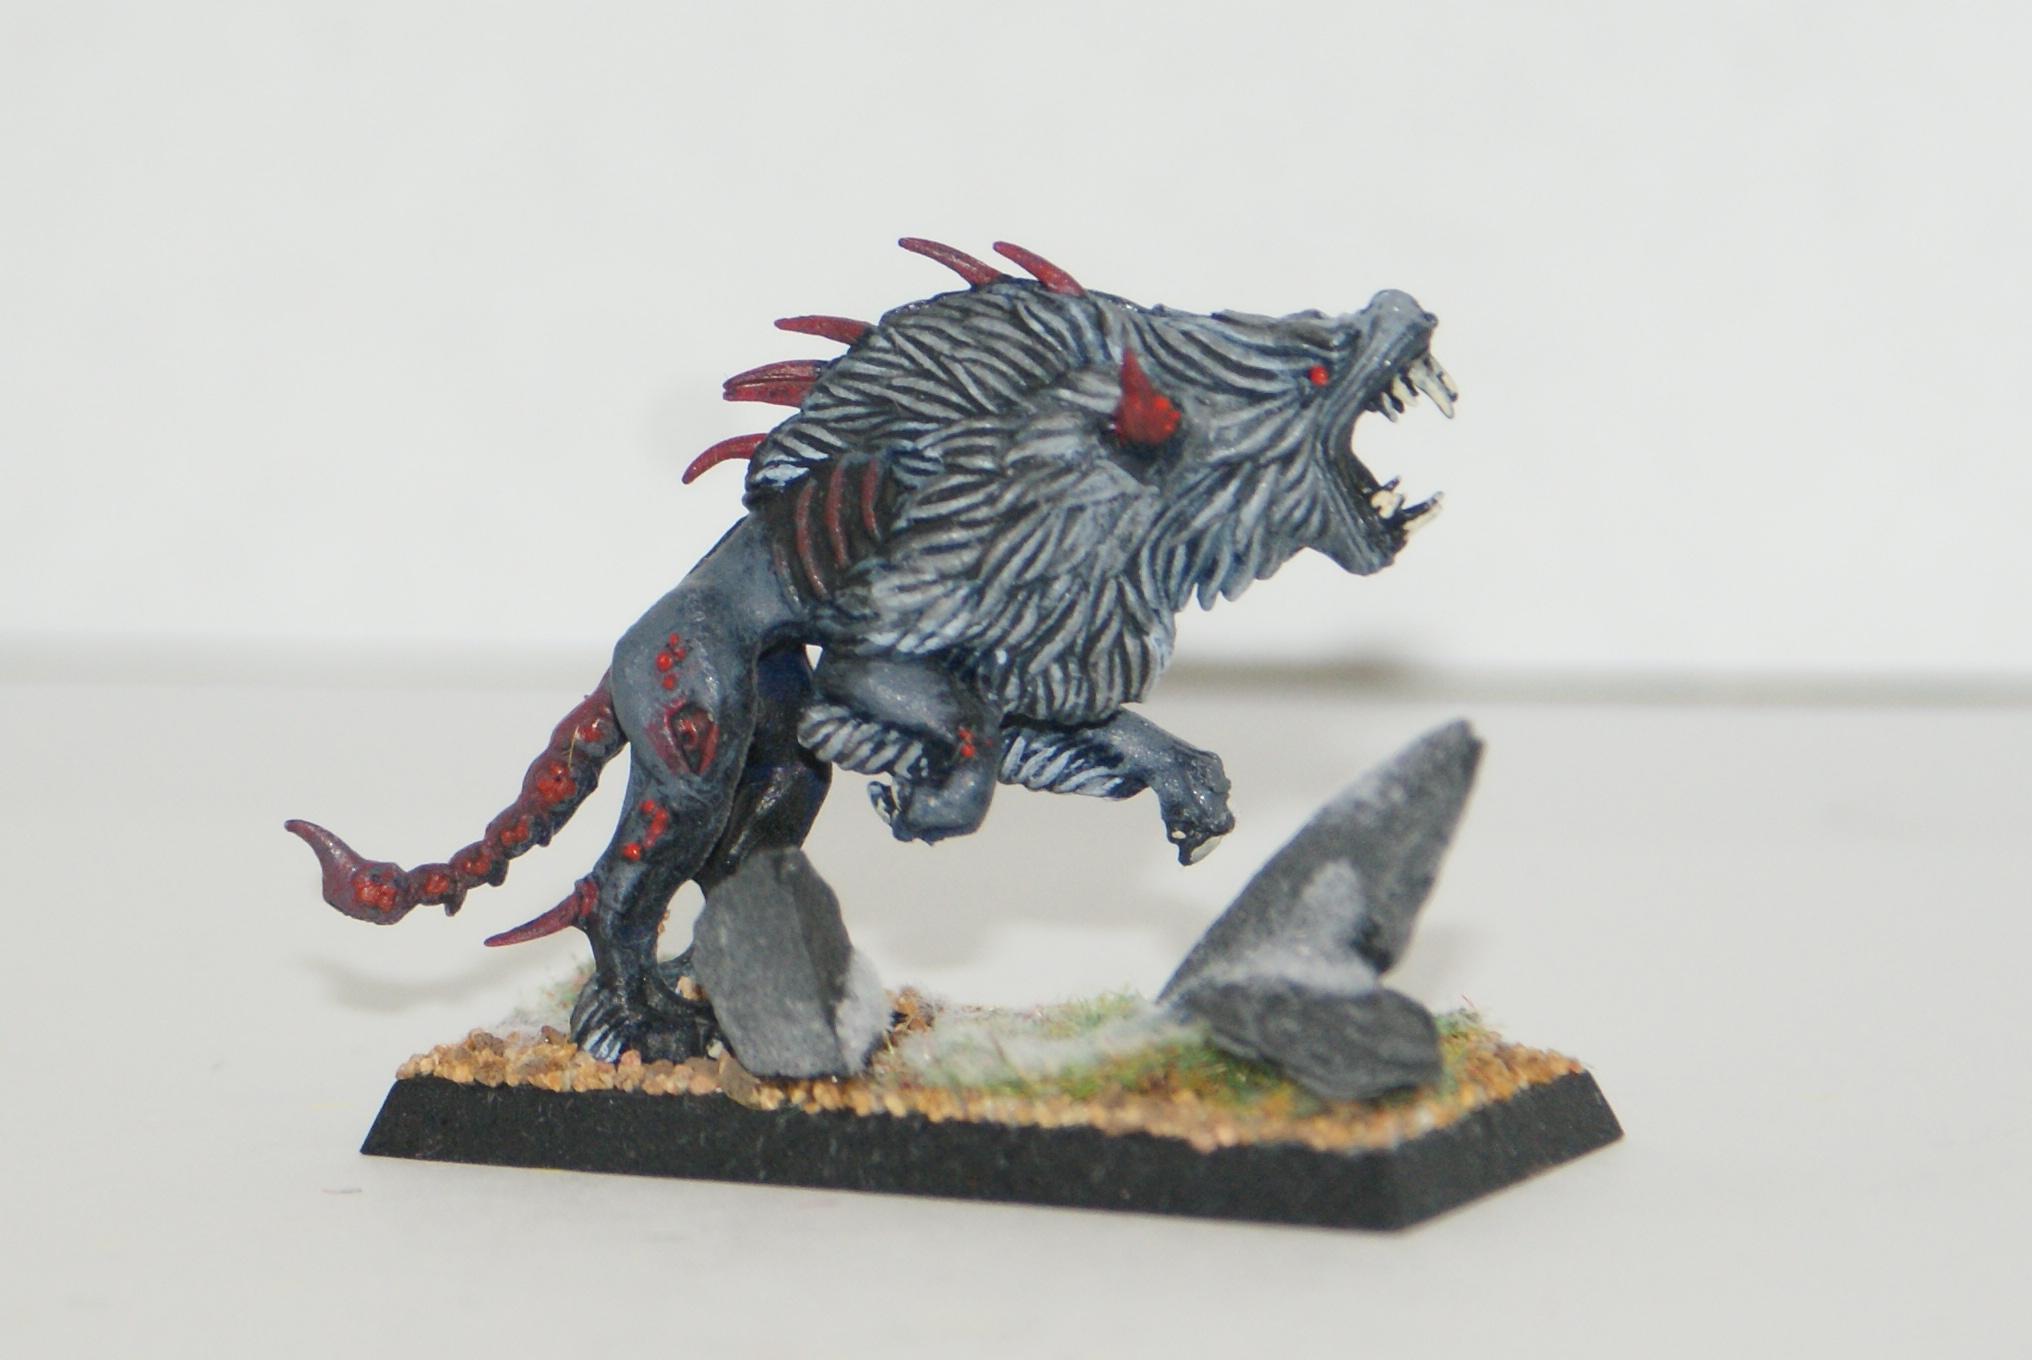 Test Piece, Warhammer Fantasy, Warhound, Warriors Of Chaos